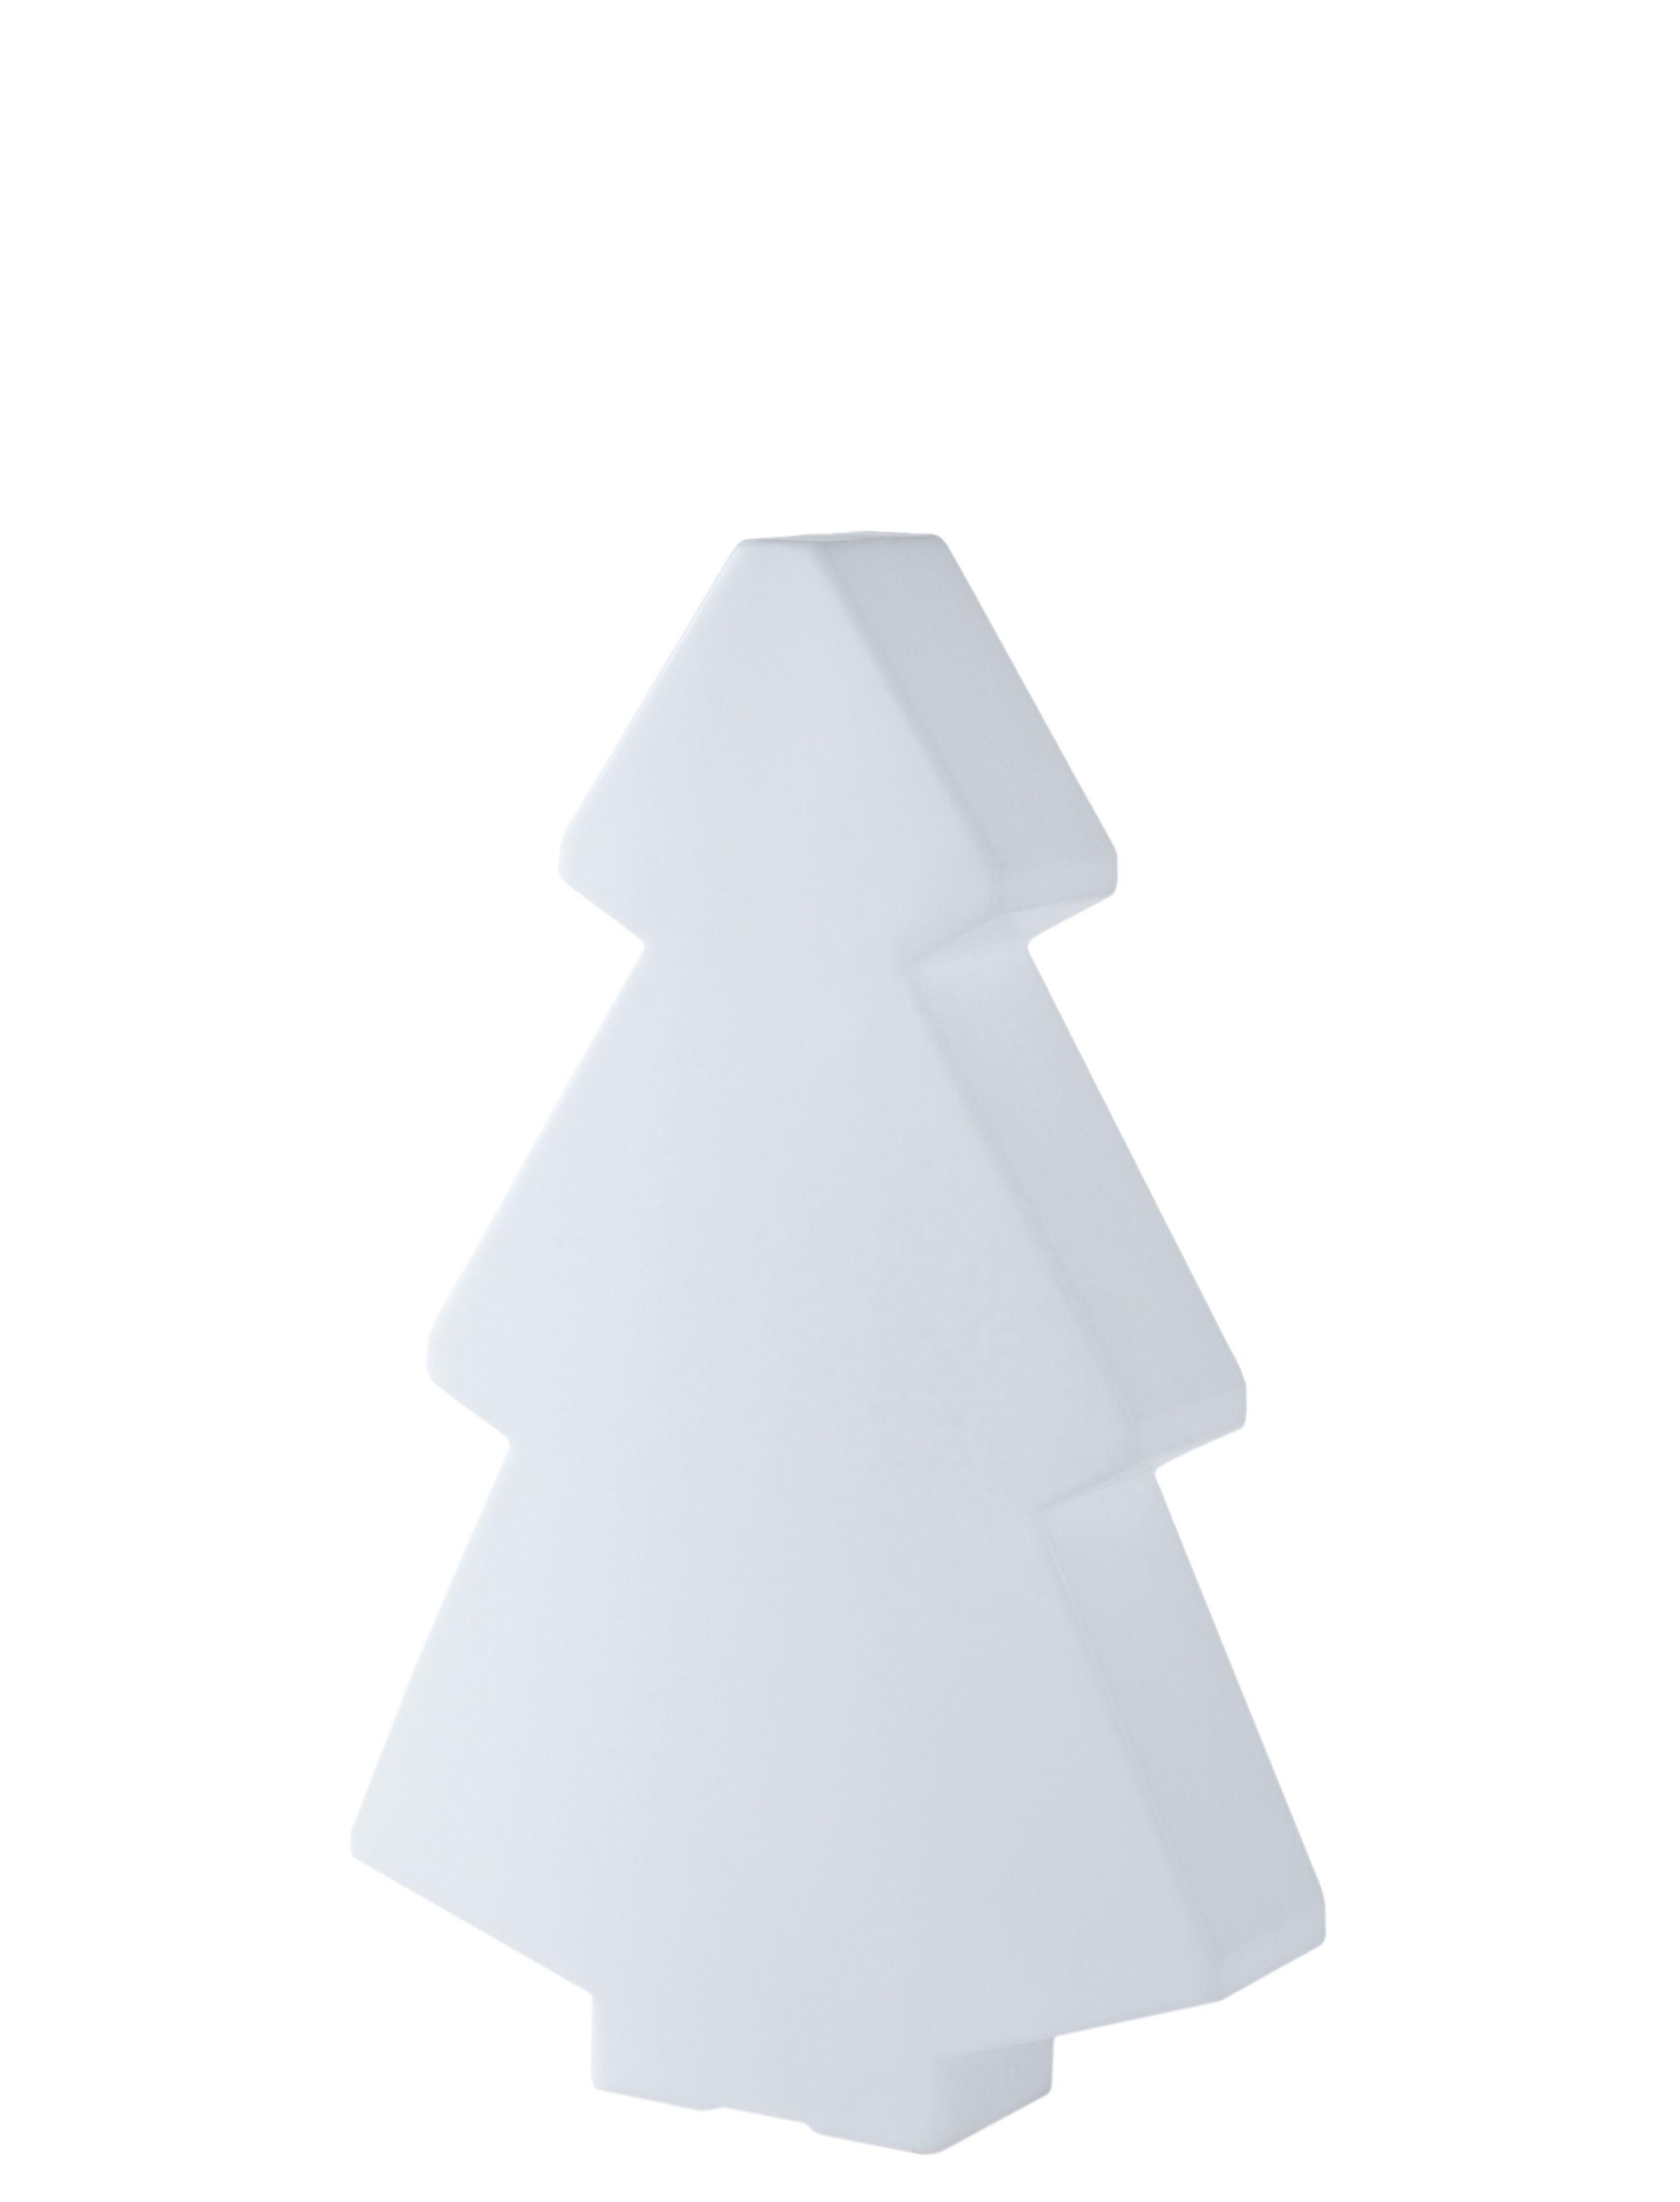 Leuchten - Tischleuchten - Lightree Indoor Tischleuchte H 45 cm - für innen - Slide - Weiß - rotationsgeformtes Polyäthylen